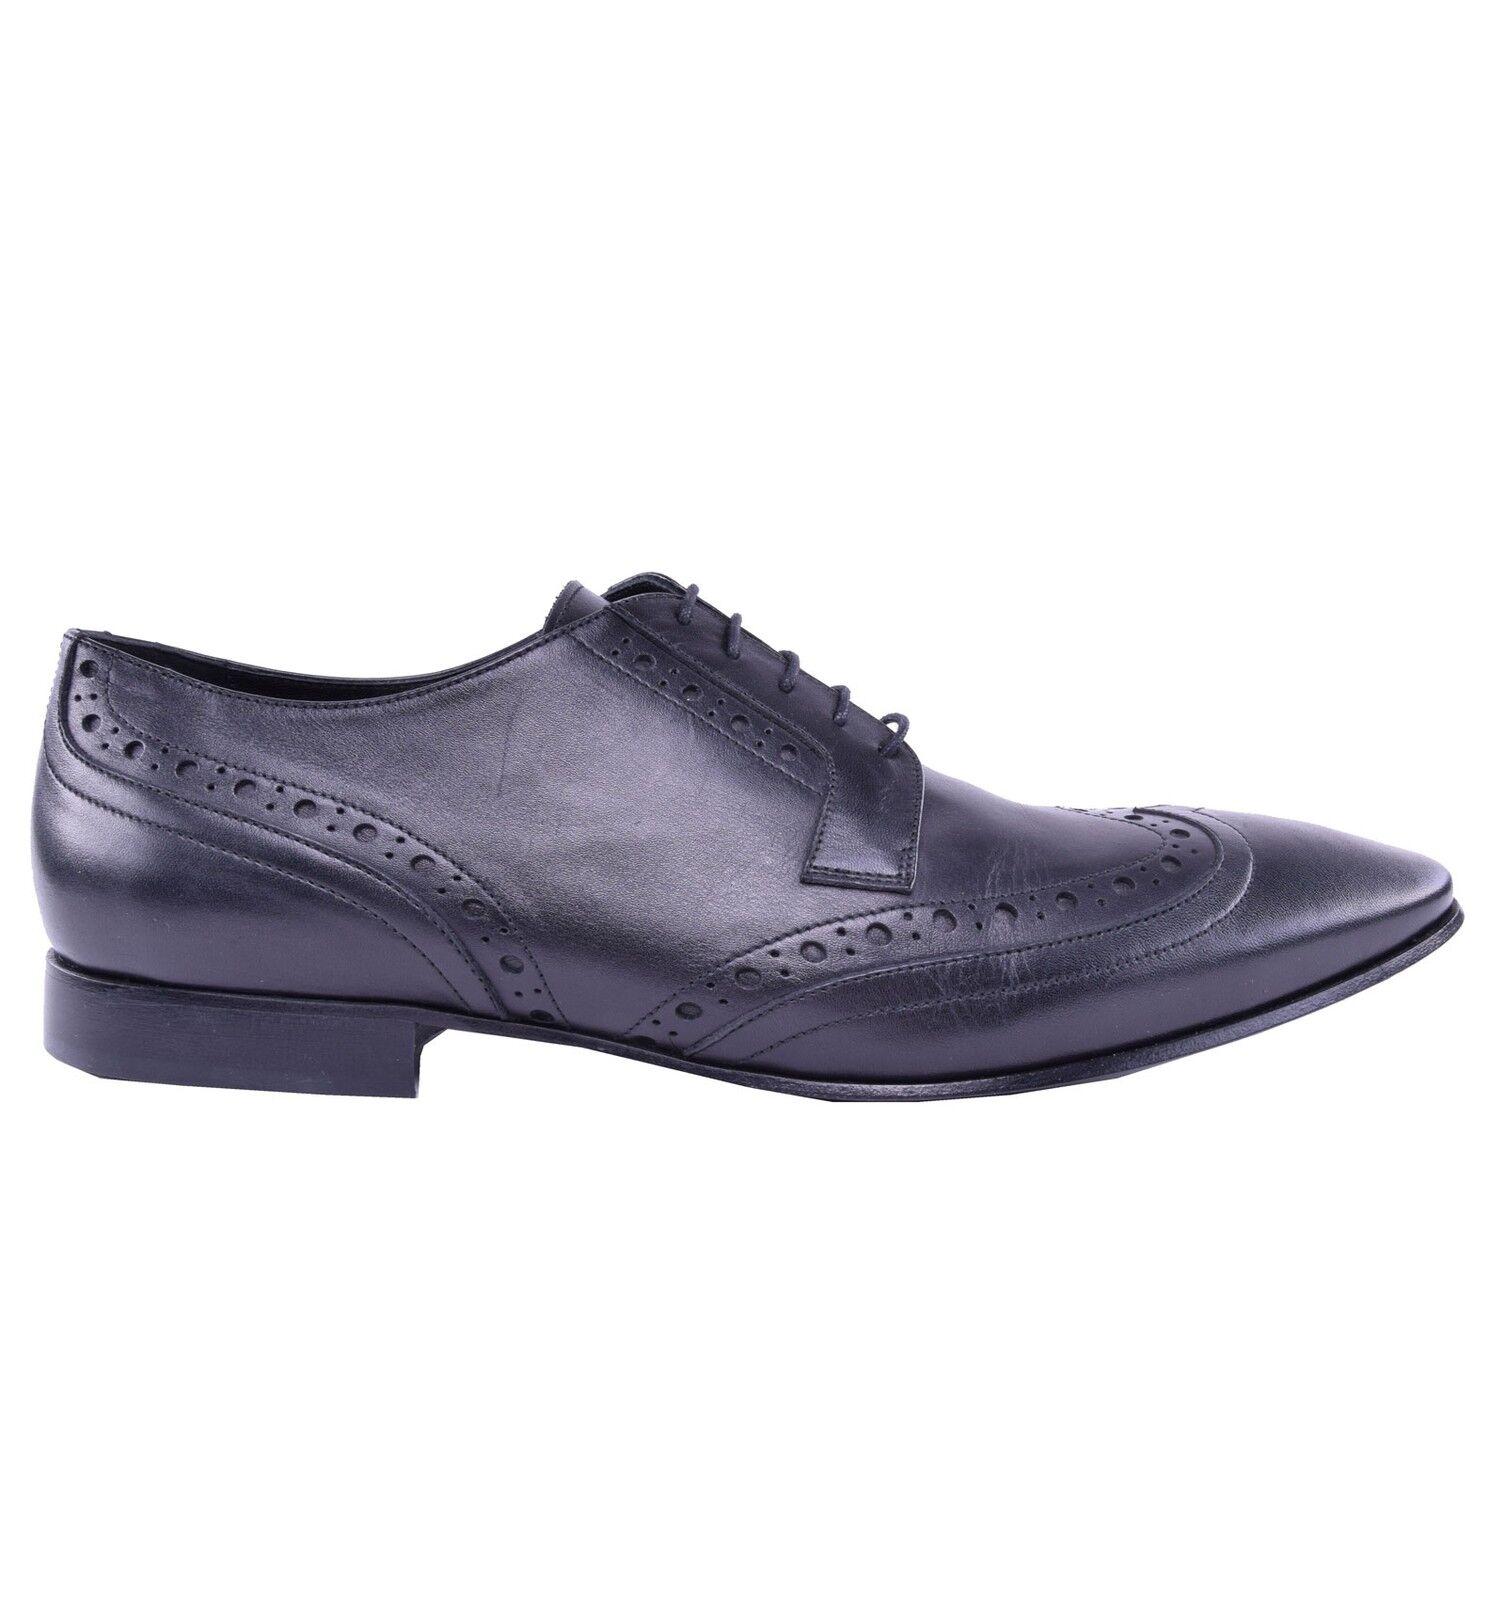 John scarpe Galliano Business Scarpe nere scarpe John nero 03969 0e4fa3